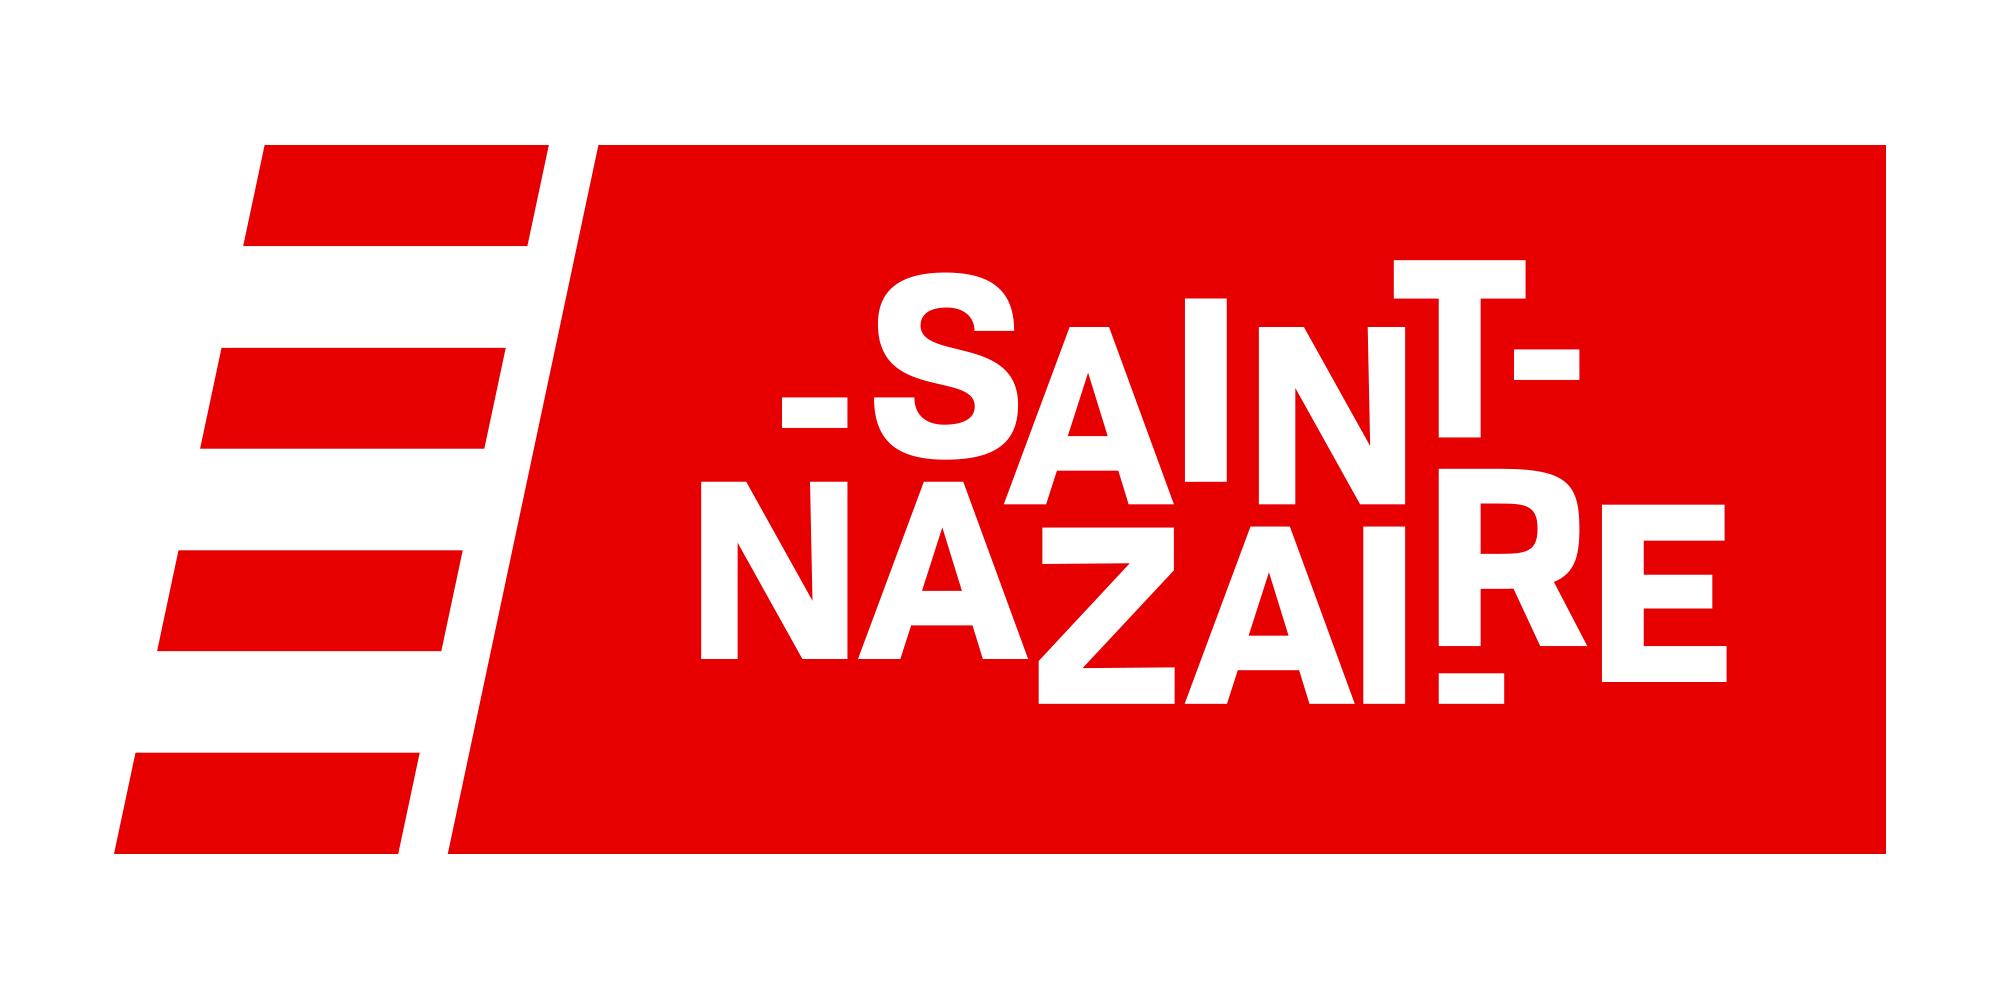 Le nouveau logo de Saint-Nazaire